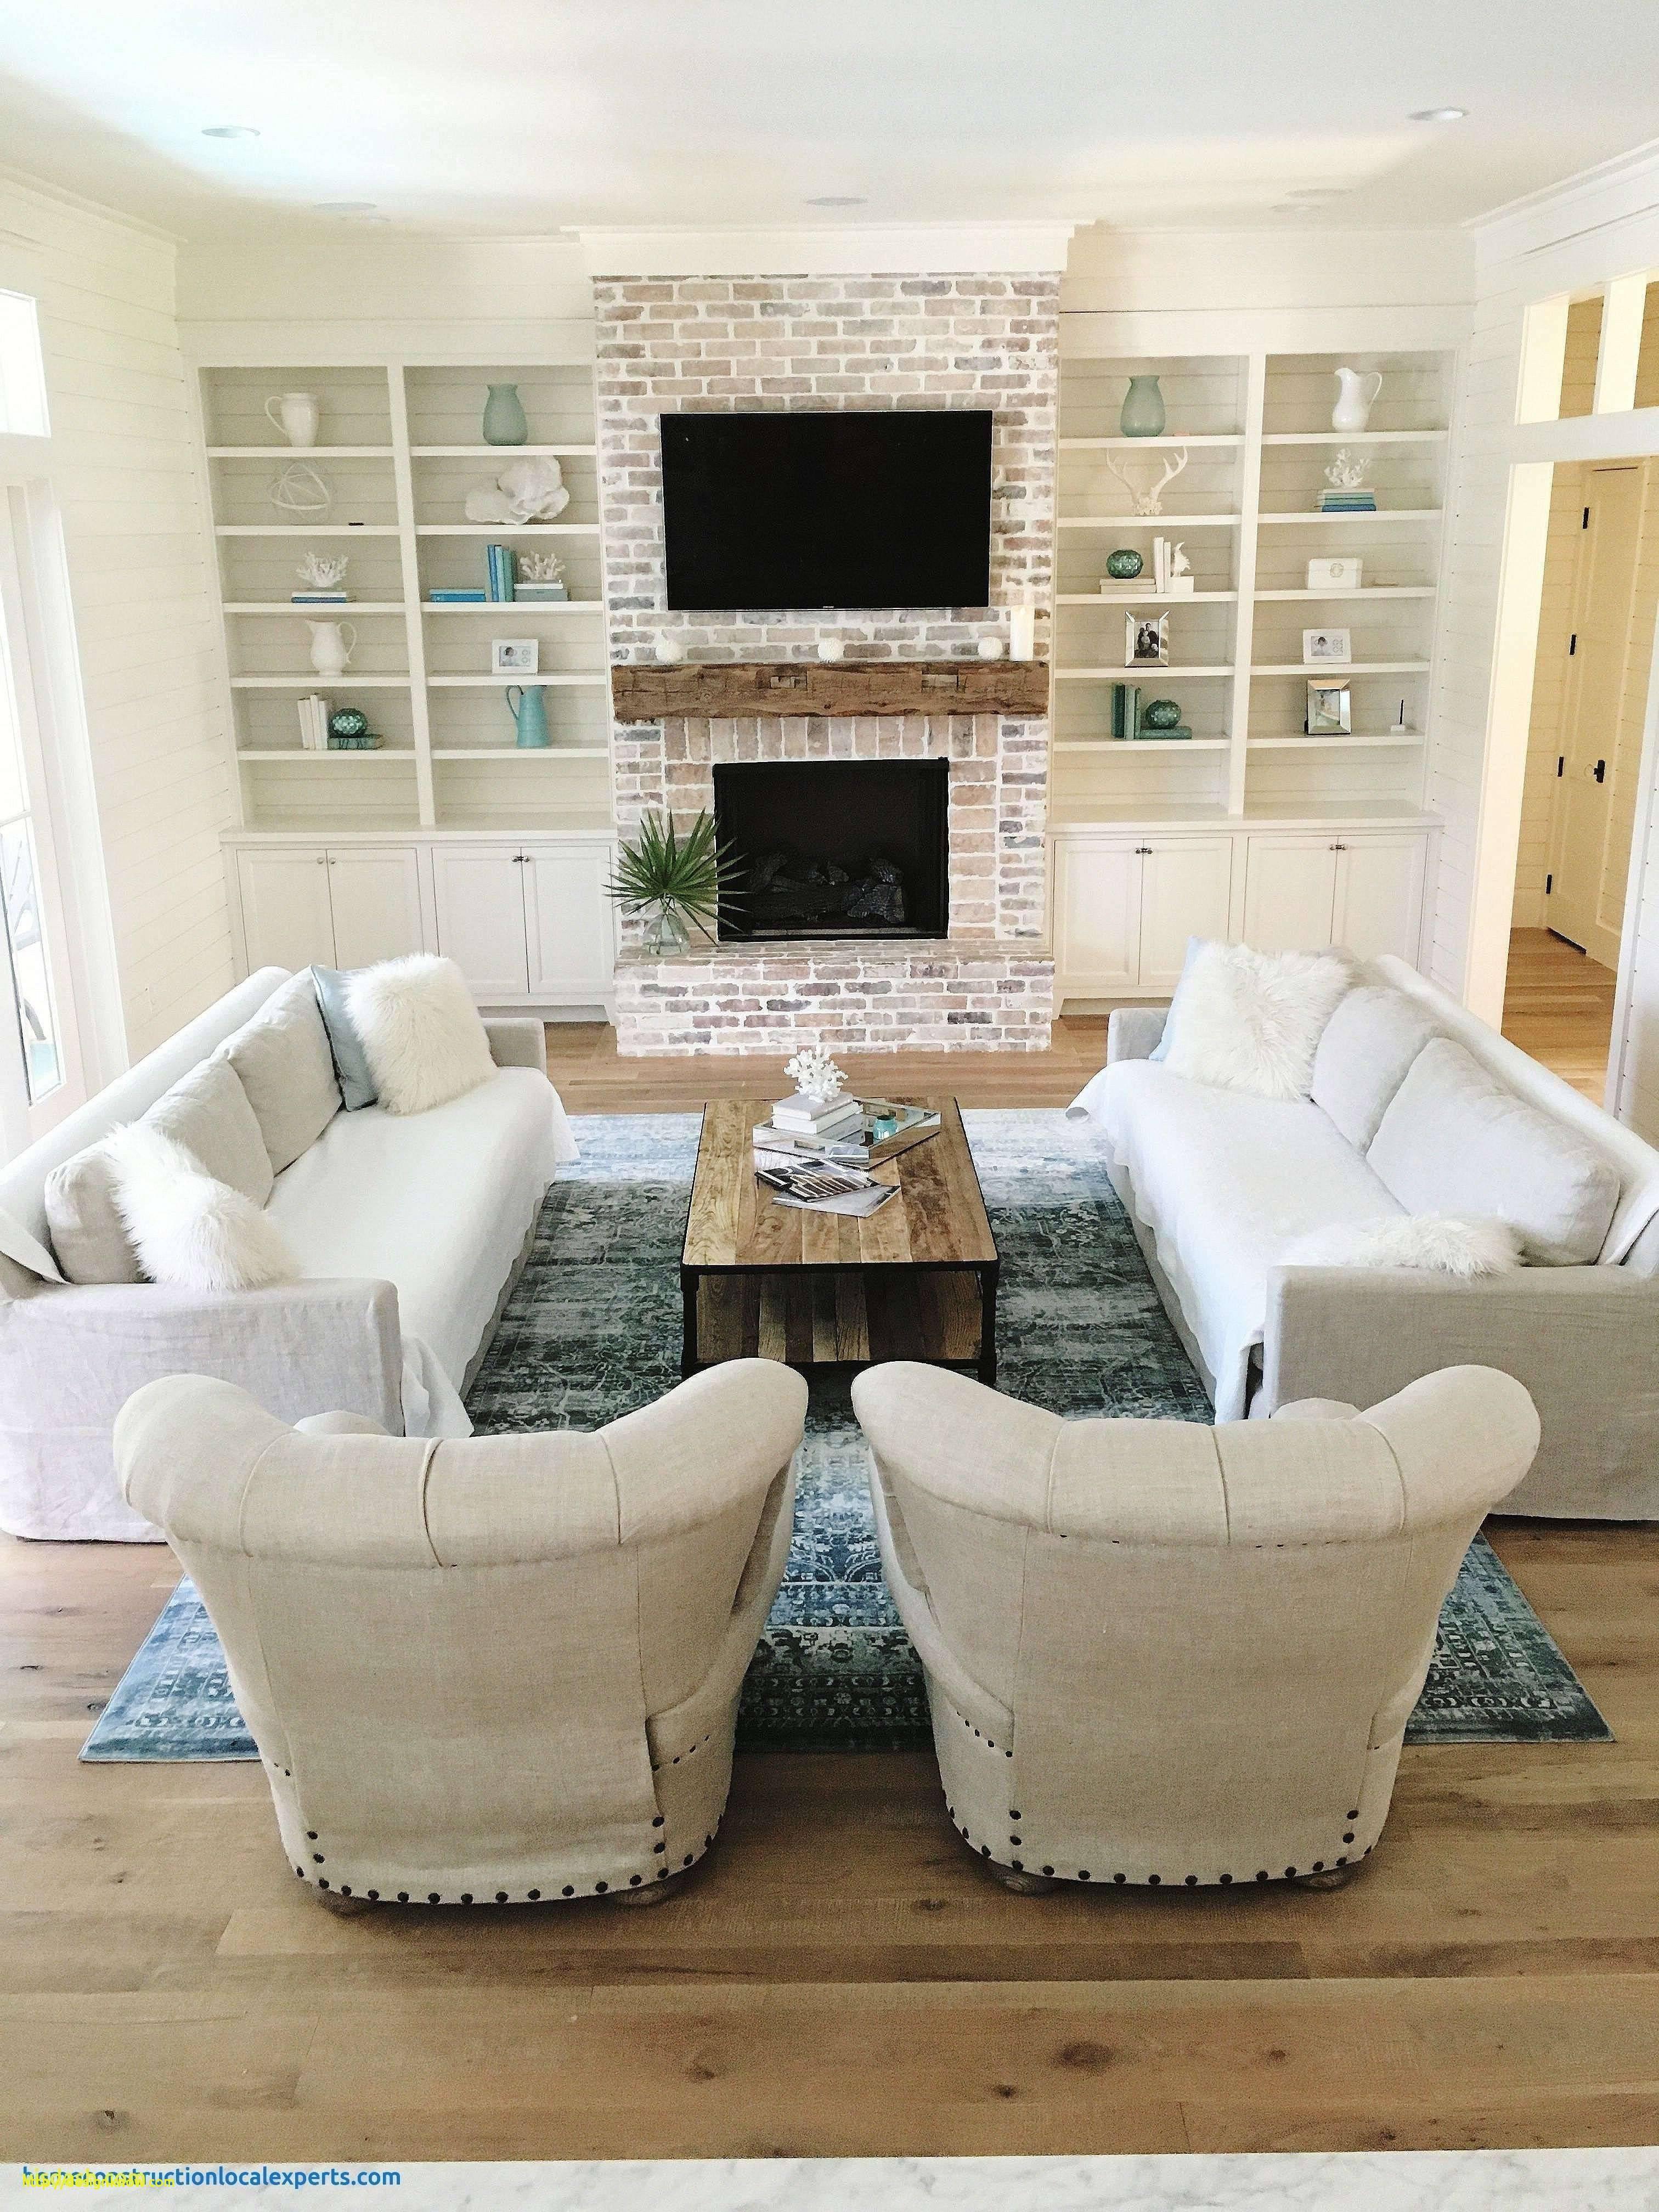 interior design ideas for studio apartment lovely best studio apartment ideas home design and interior design of interior design ideas for studio apartment